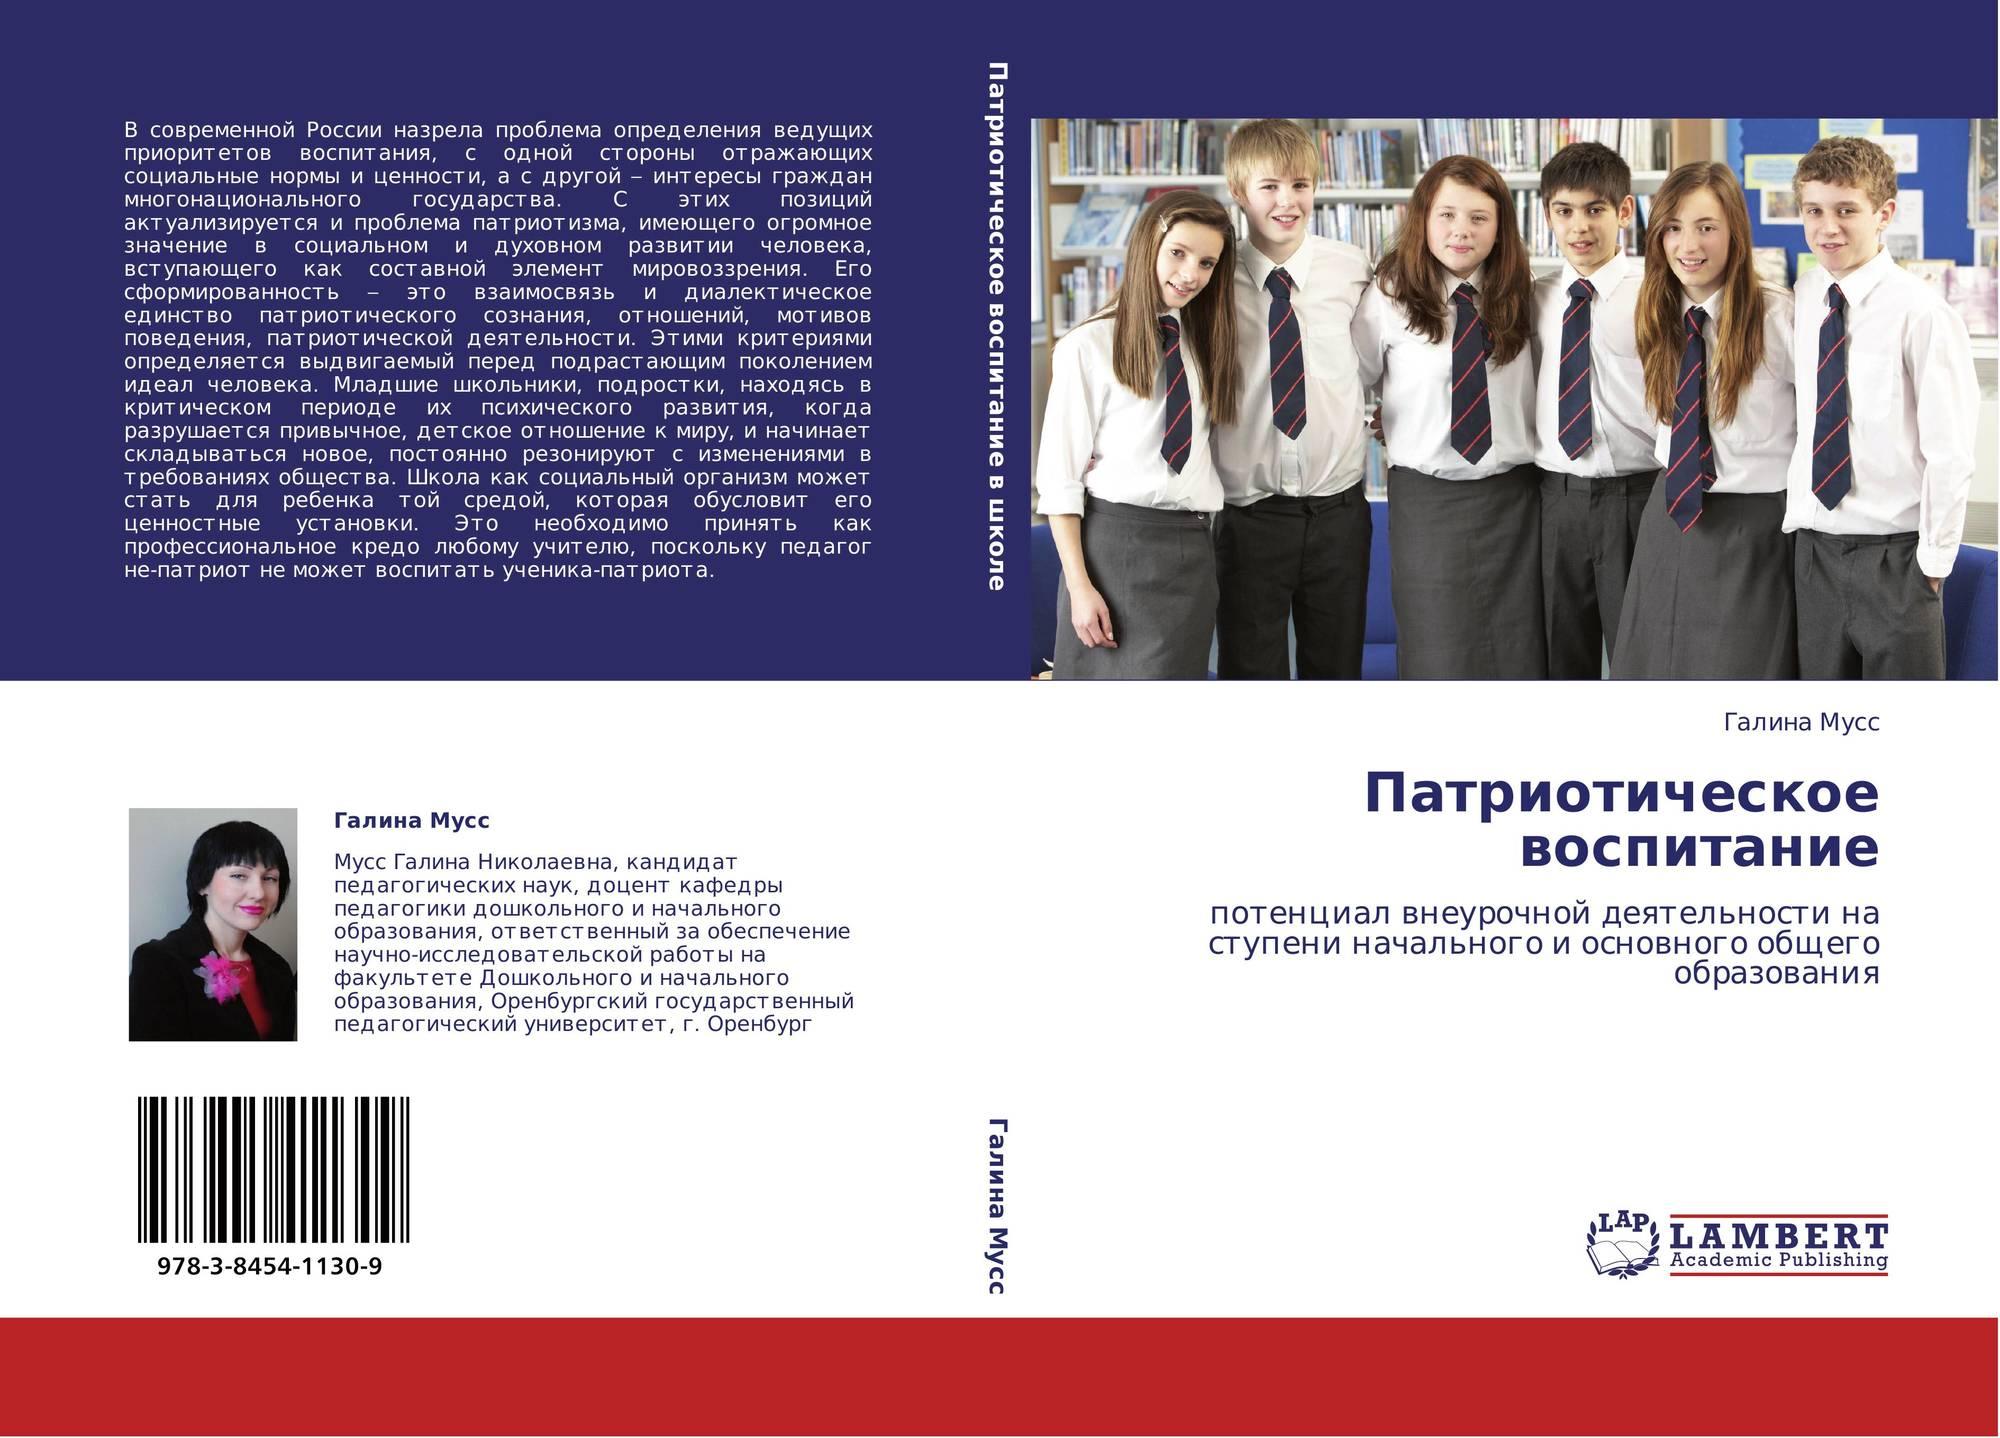 Школьники эро фото фото 641-446